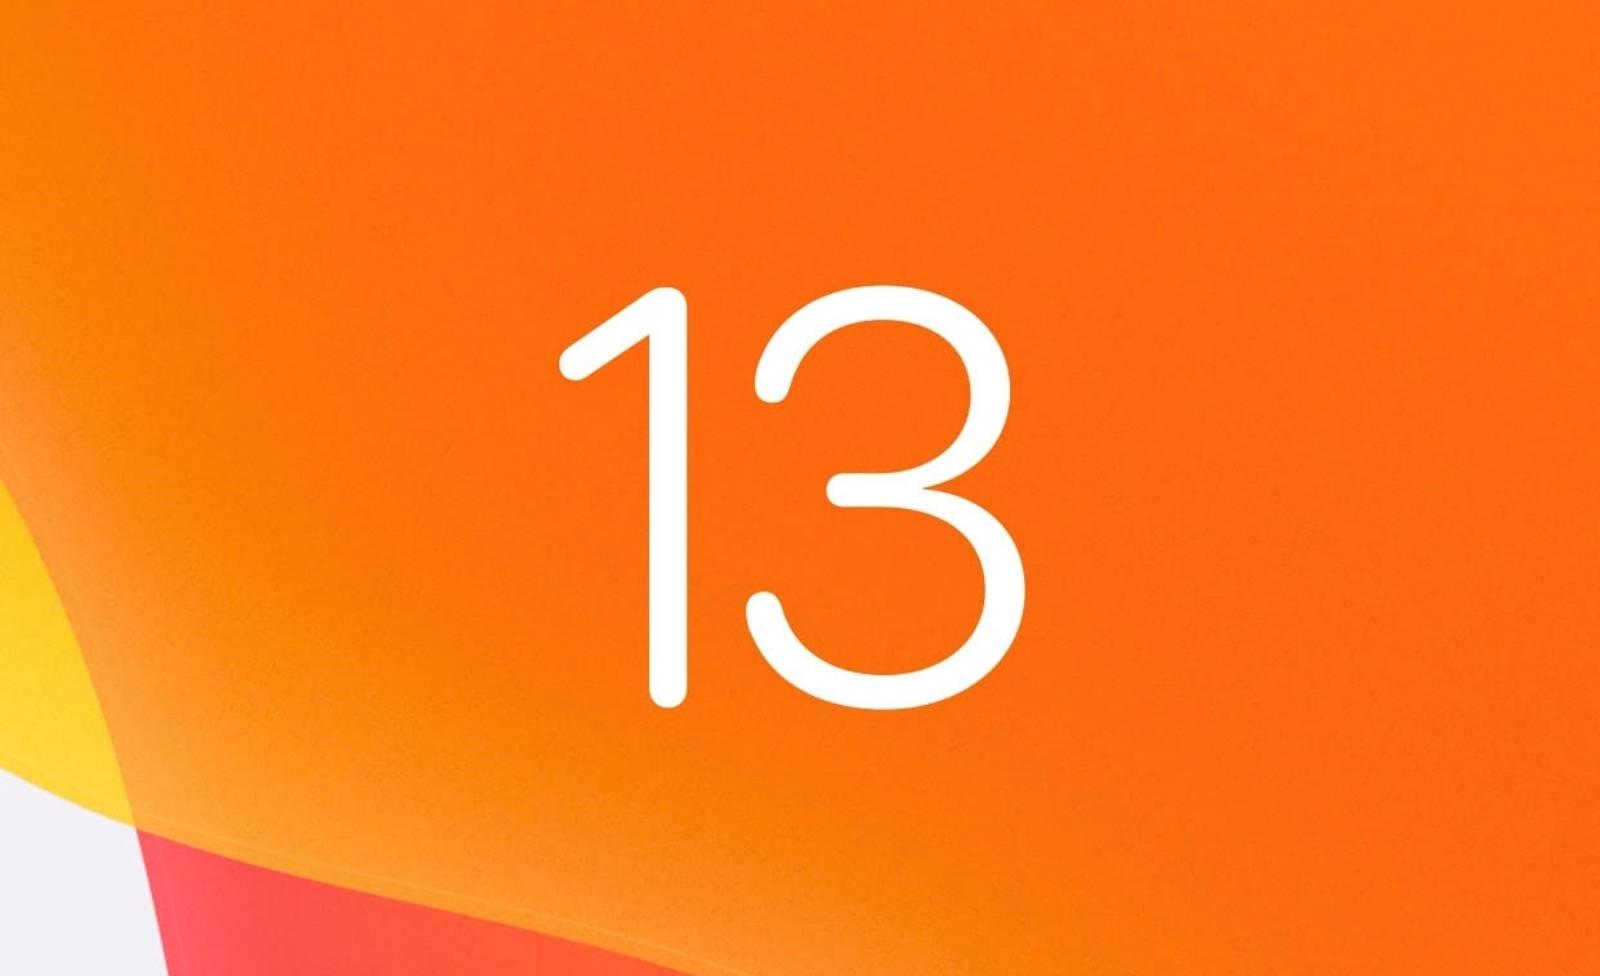 iOS 13 MARI PROBLEME PLANG Utilizatorii